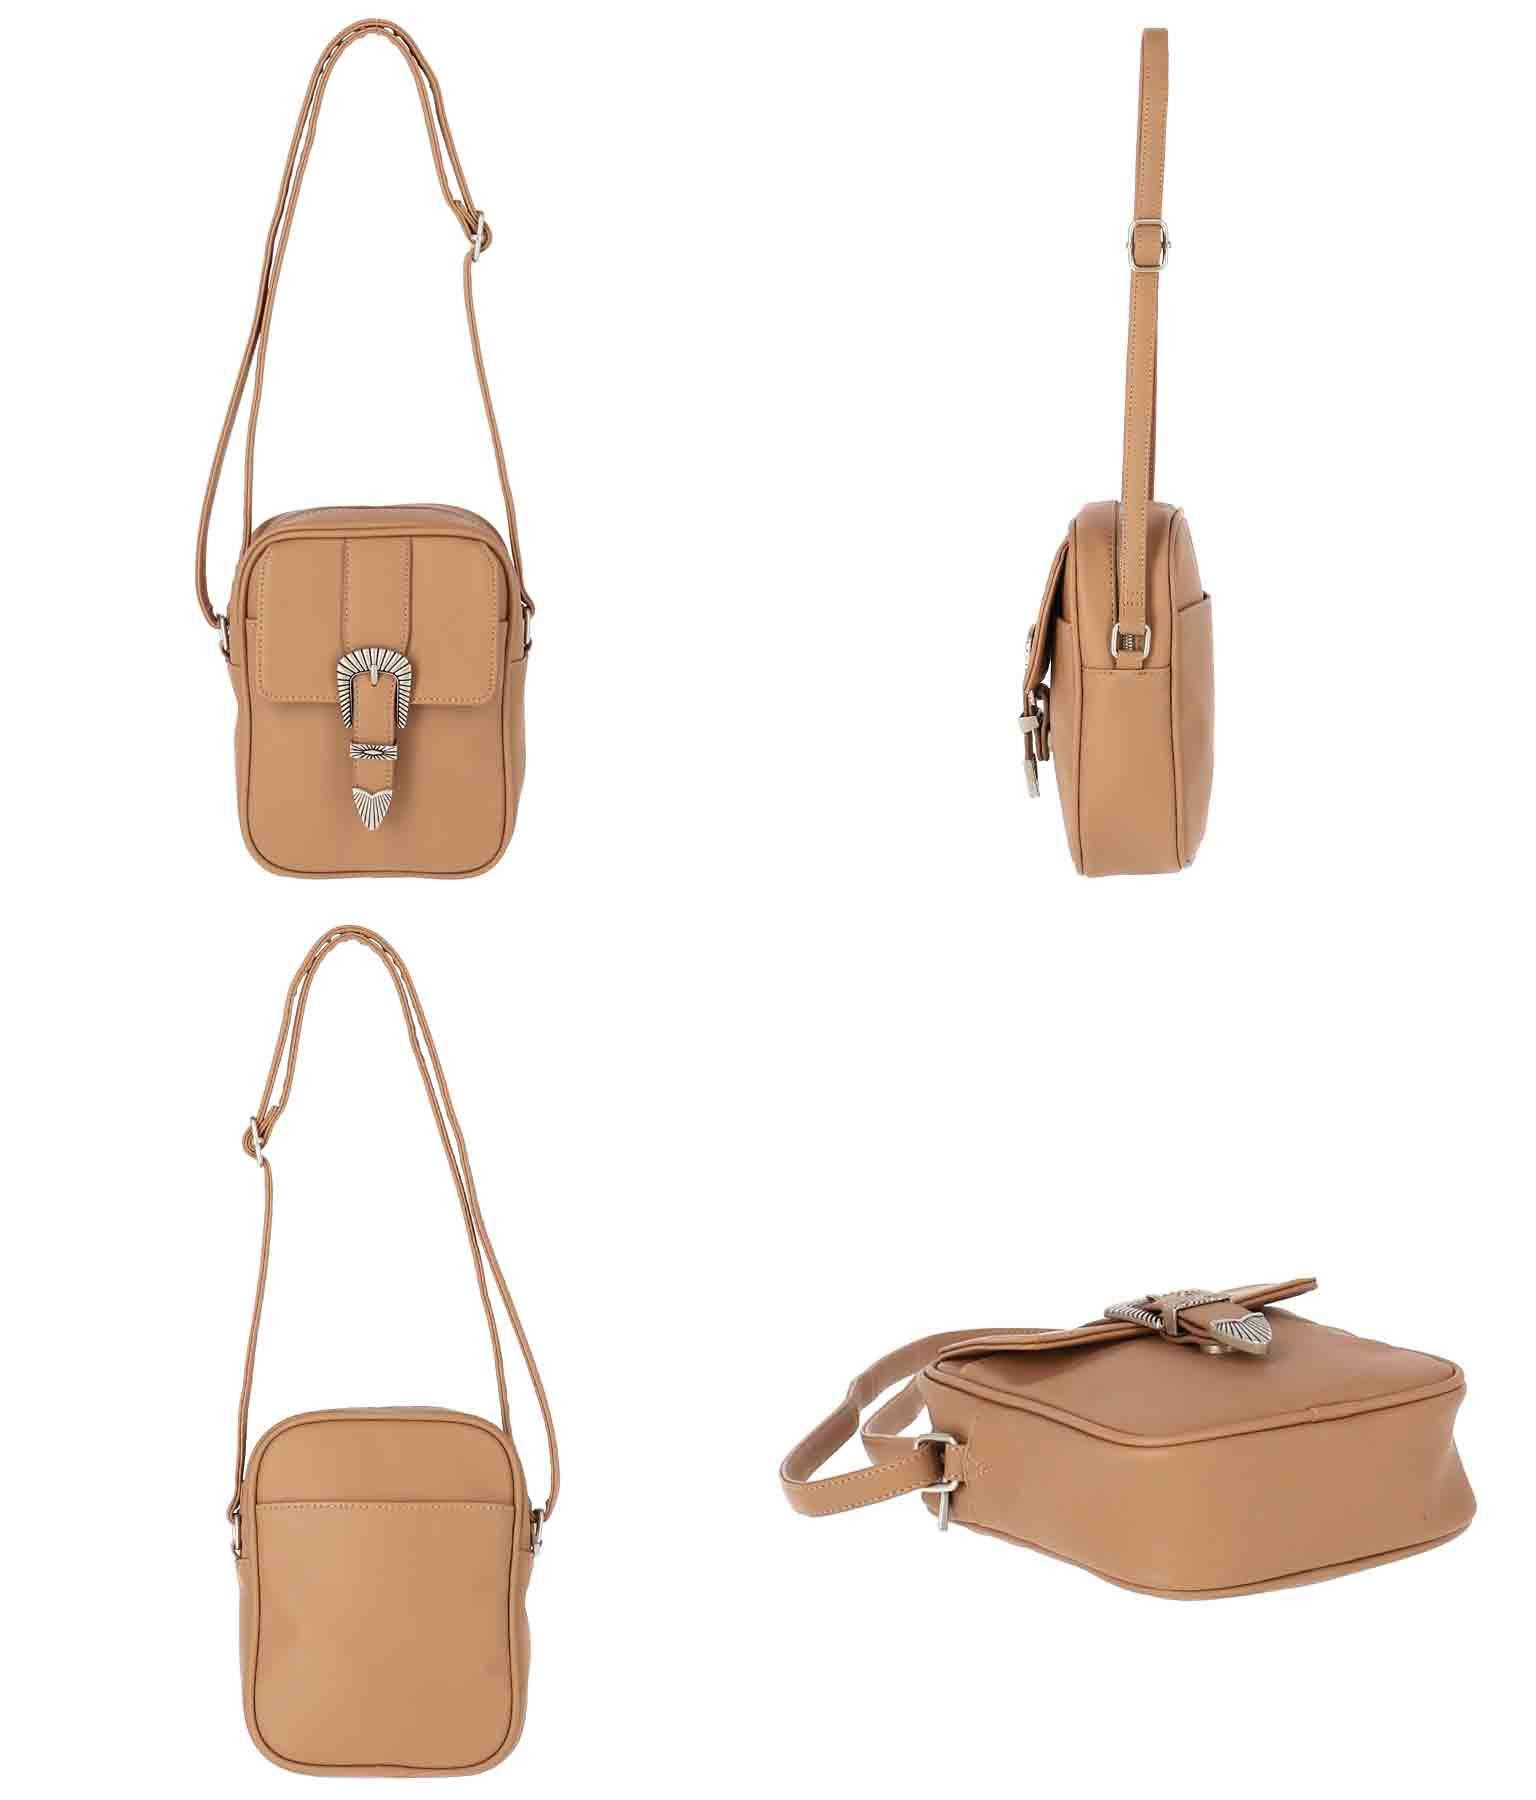 ベルト付きバッグ(バッグ・鞄・小物/ショルダーバッグ) | ANAP